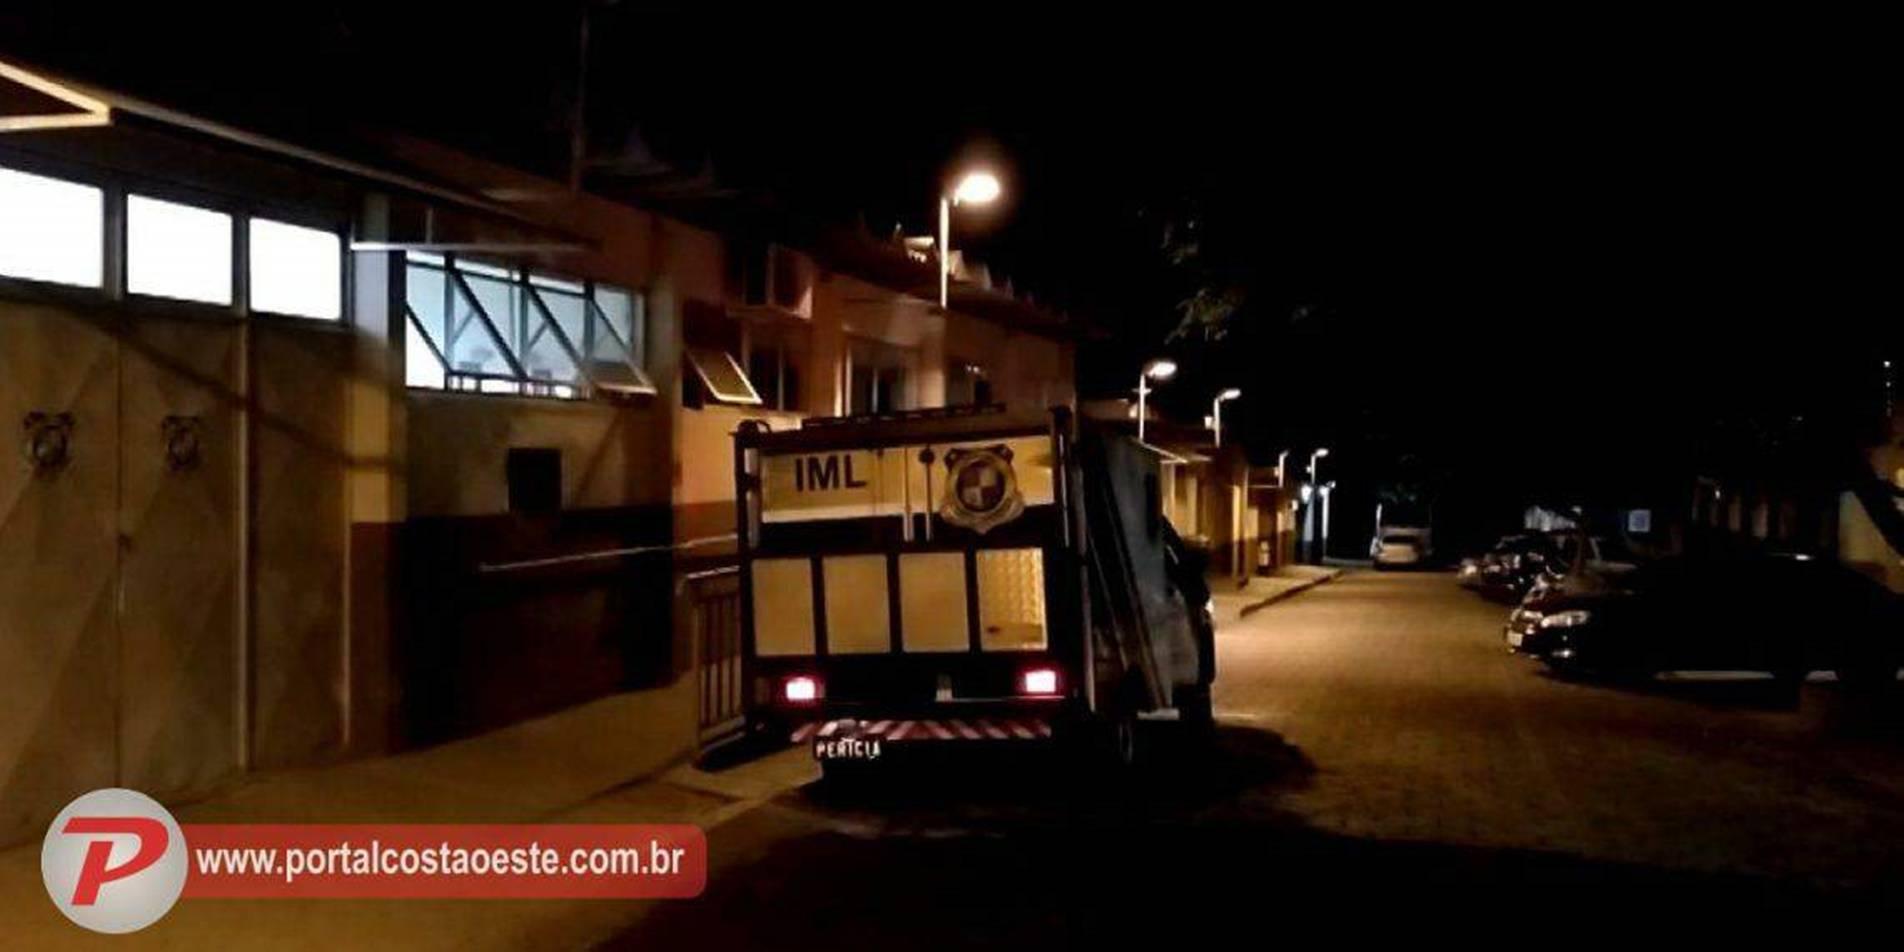 Foz do Iguaçu: Homem morre em confronto com a PM após assalto à residência